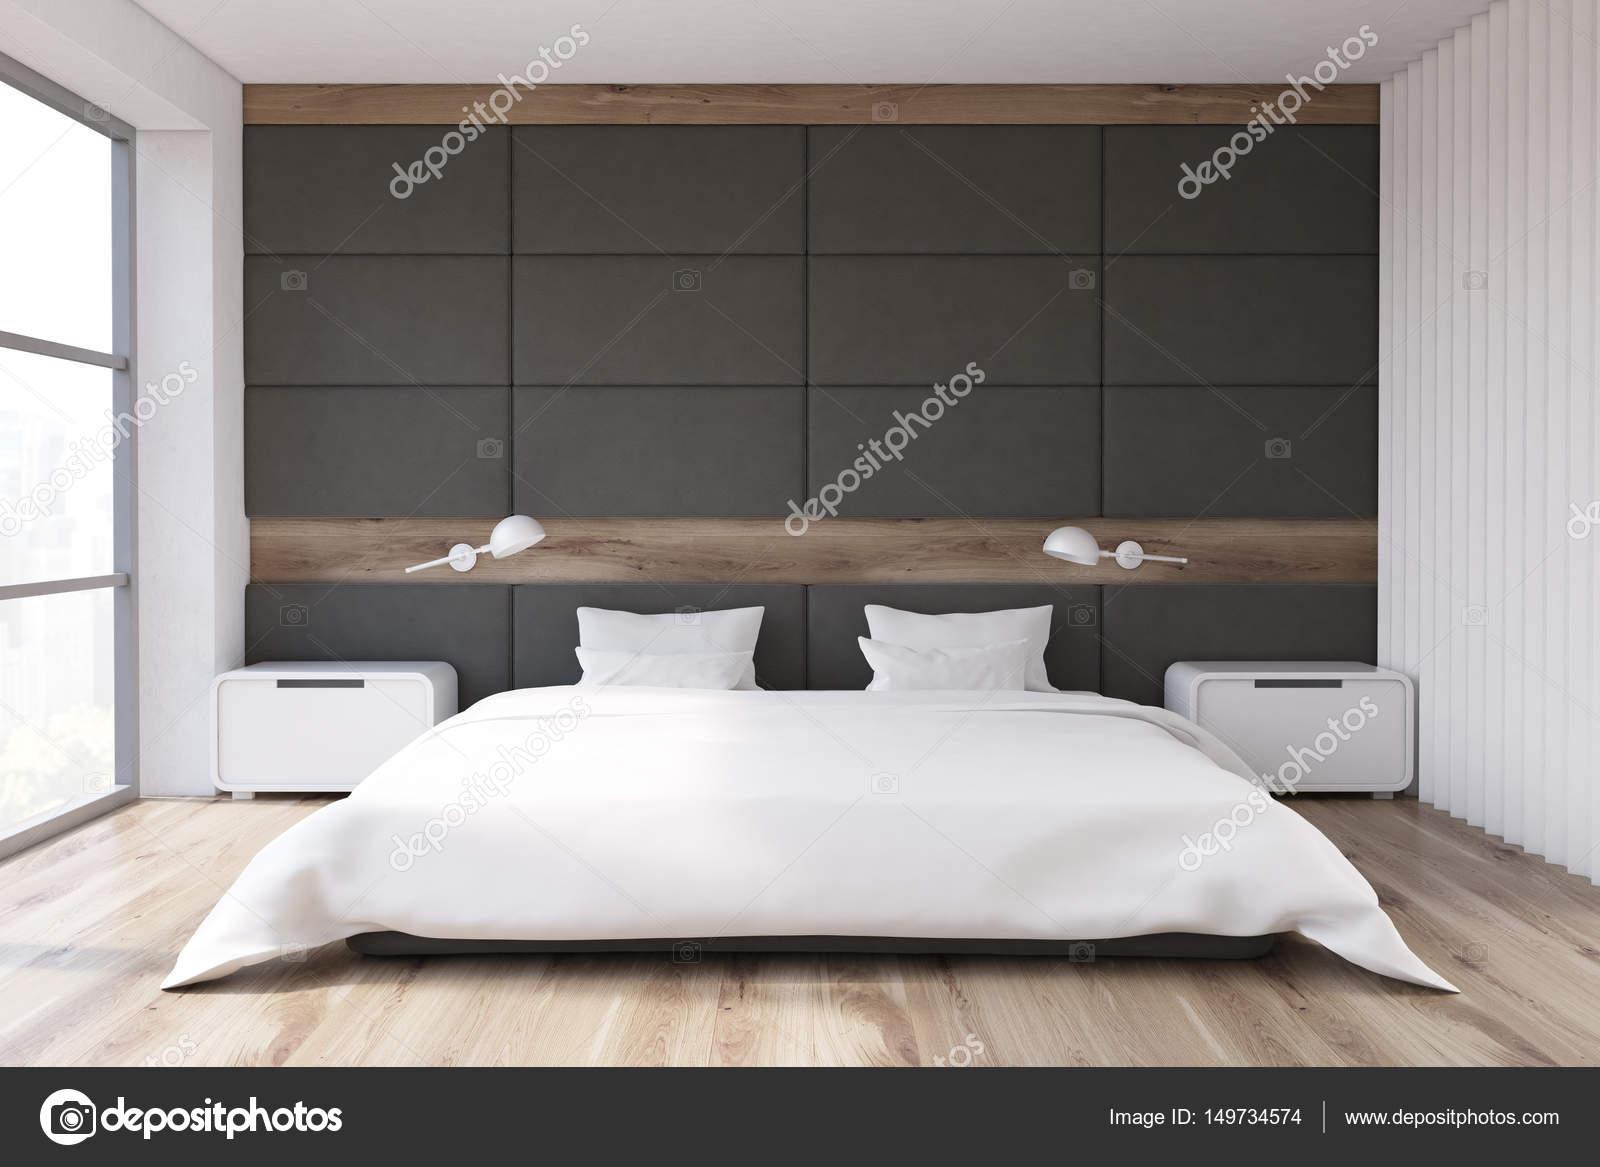 Sypialnia Z Szare ściany Zdjęcie Stockowe Denisismagilov